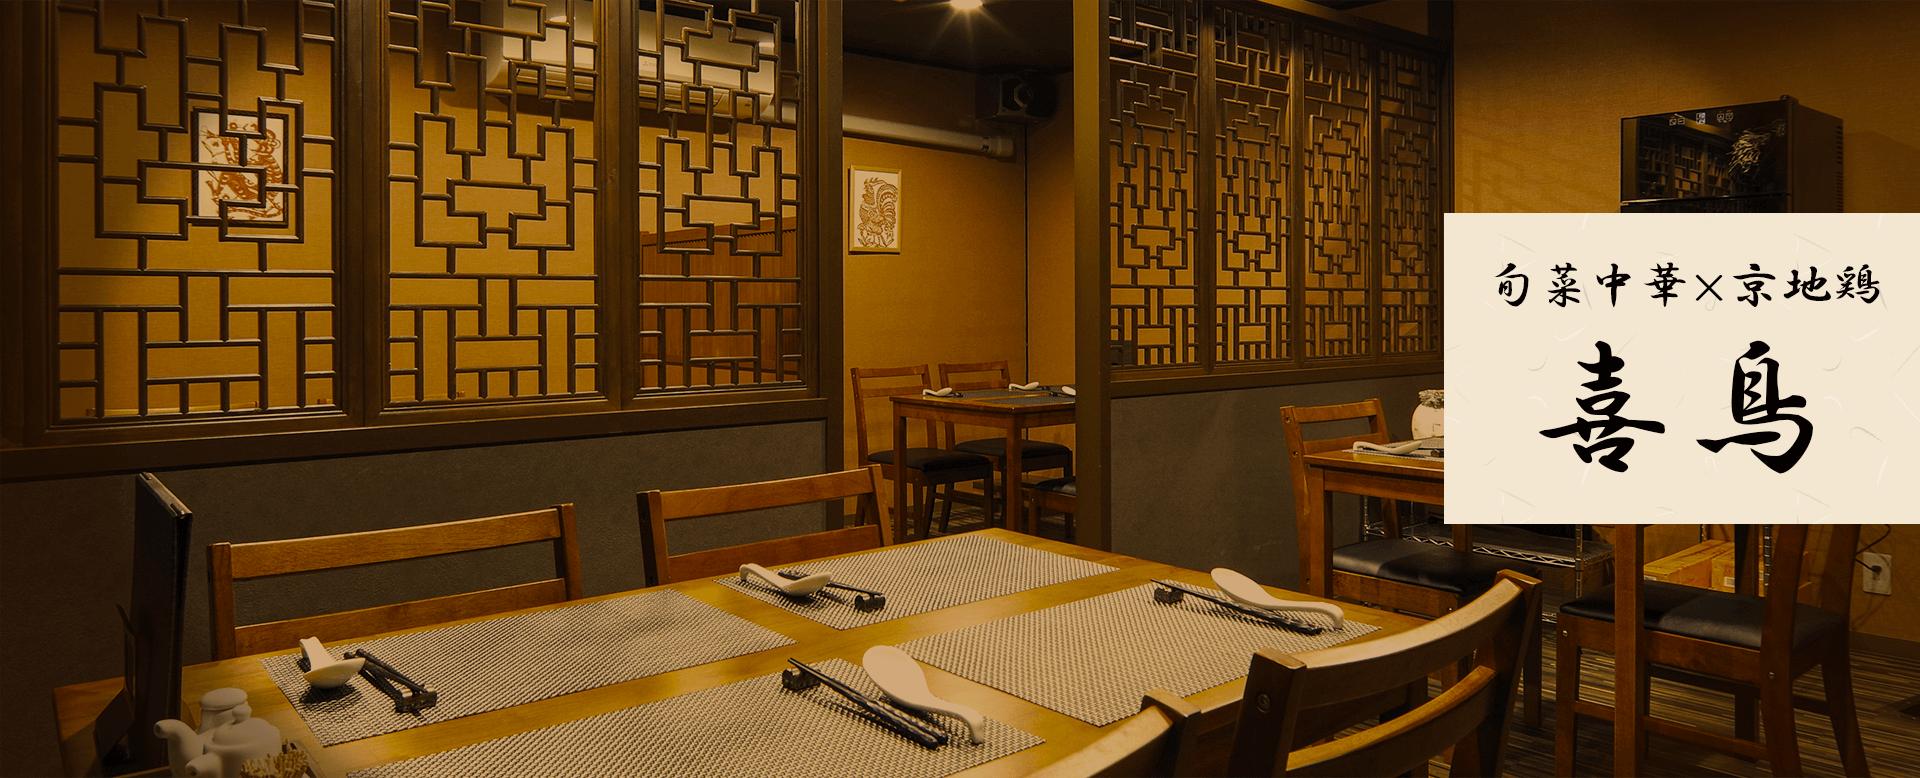 旬菜中華×京地鶏 喜鳥